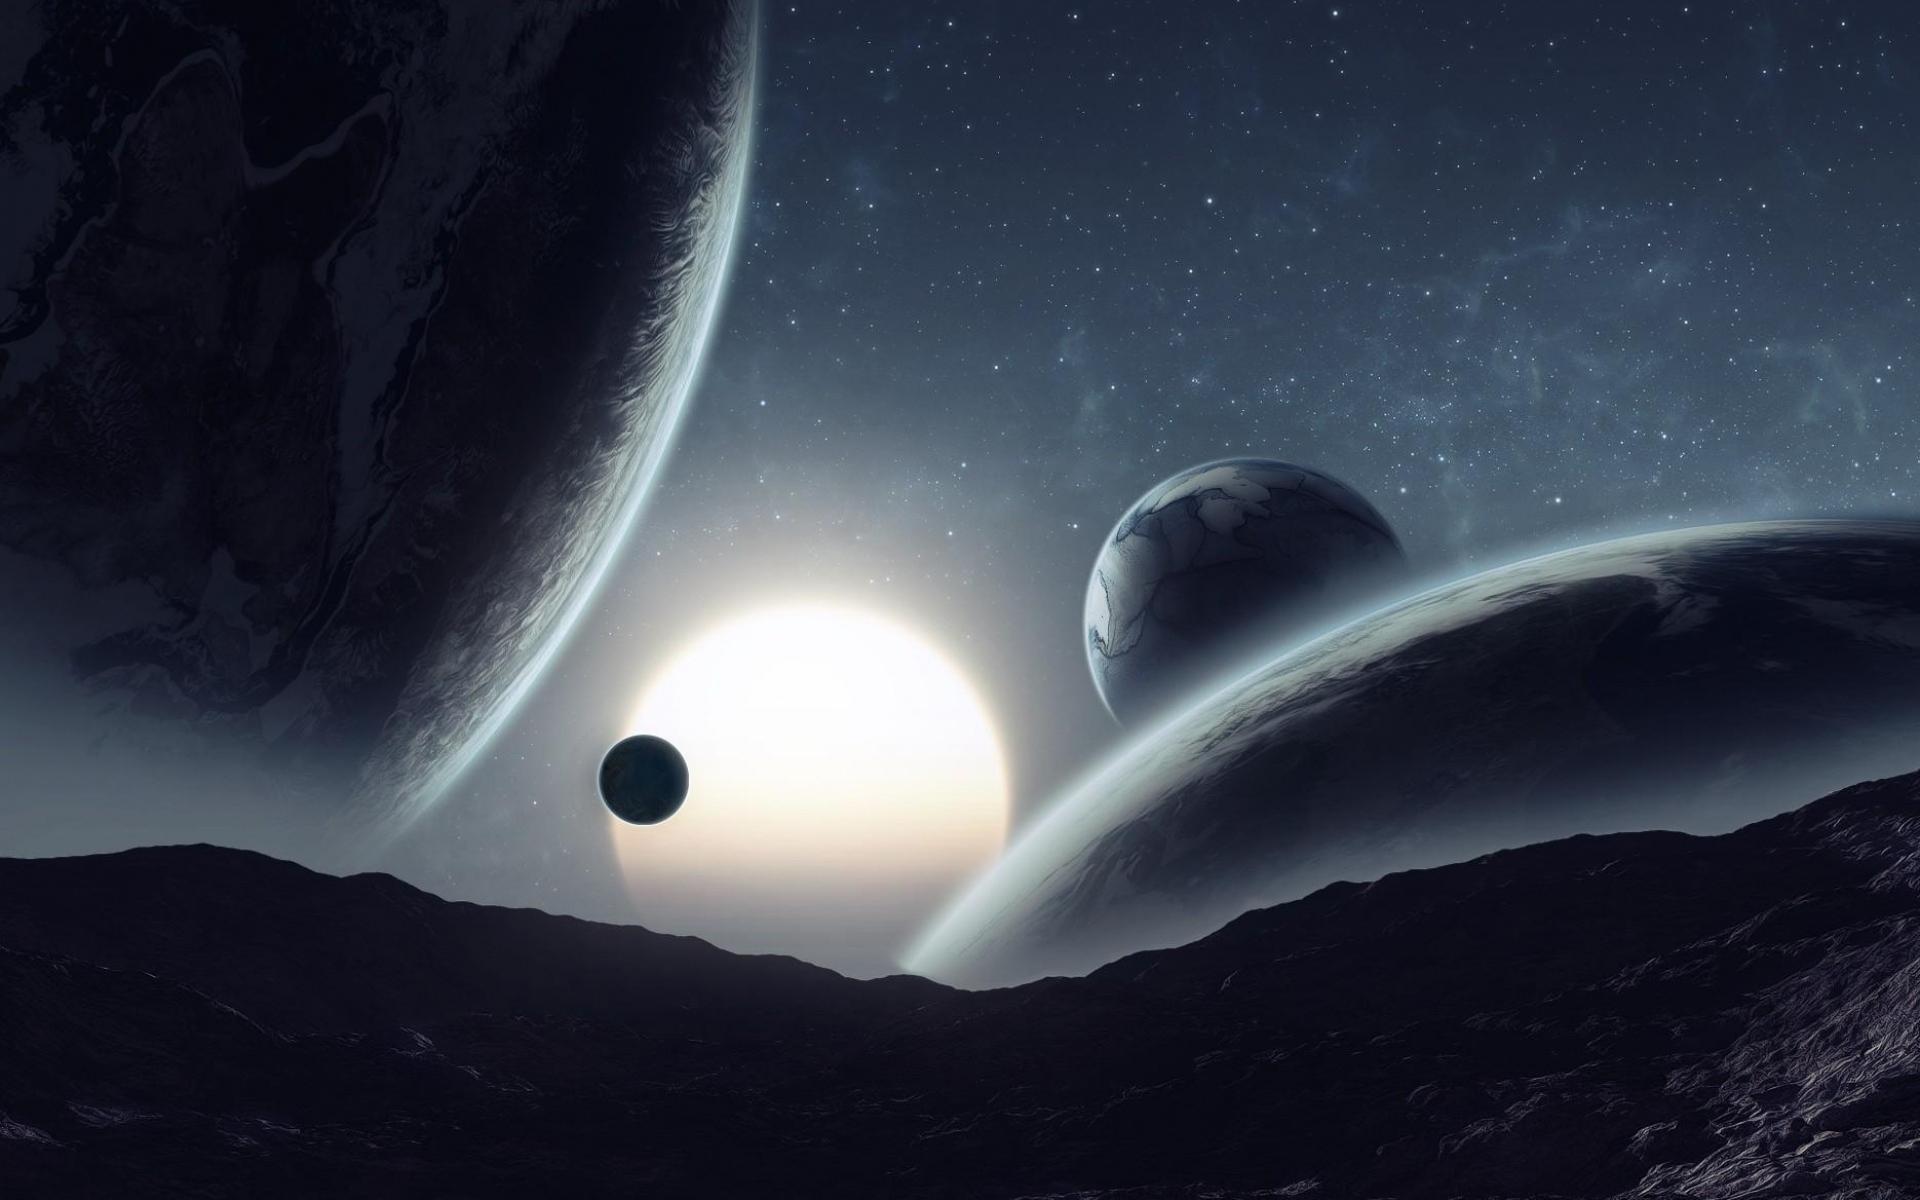 шиньон самый фото космоса и планет на рабочий стол конструктивными элементами та-ких